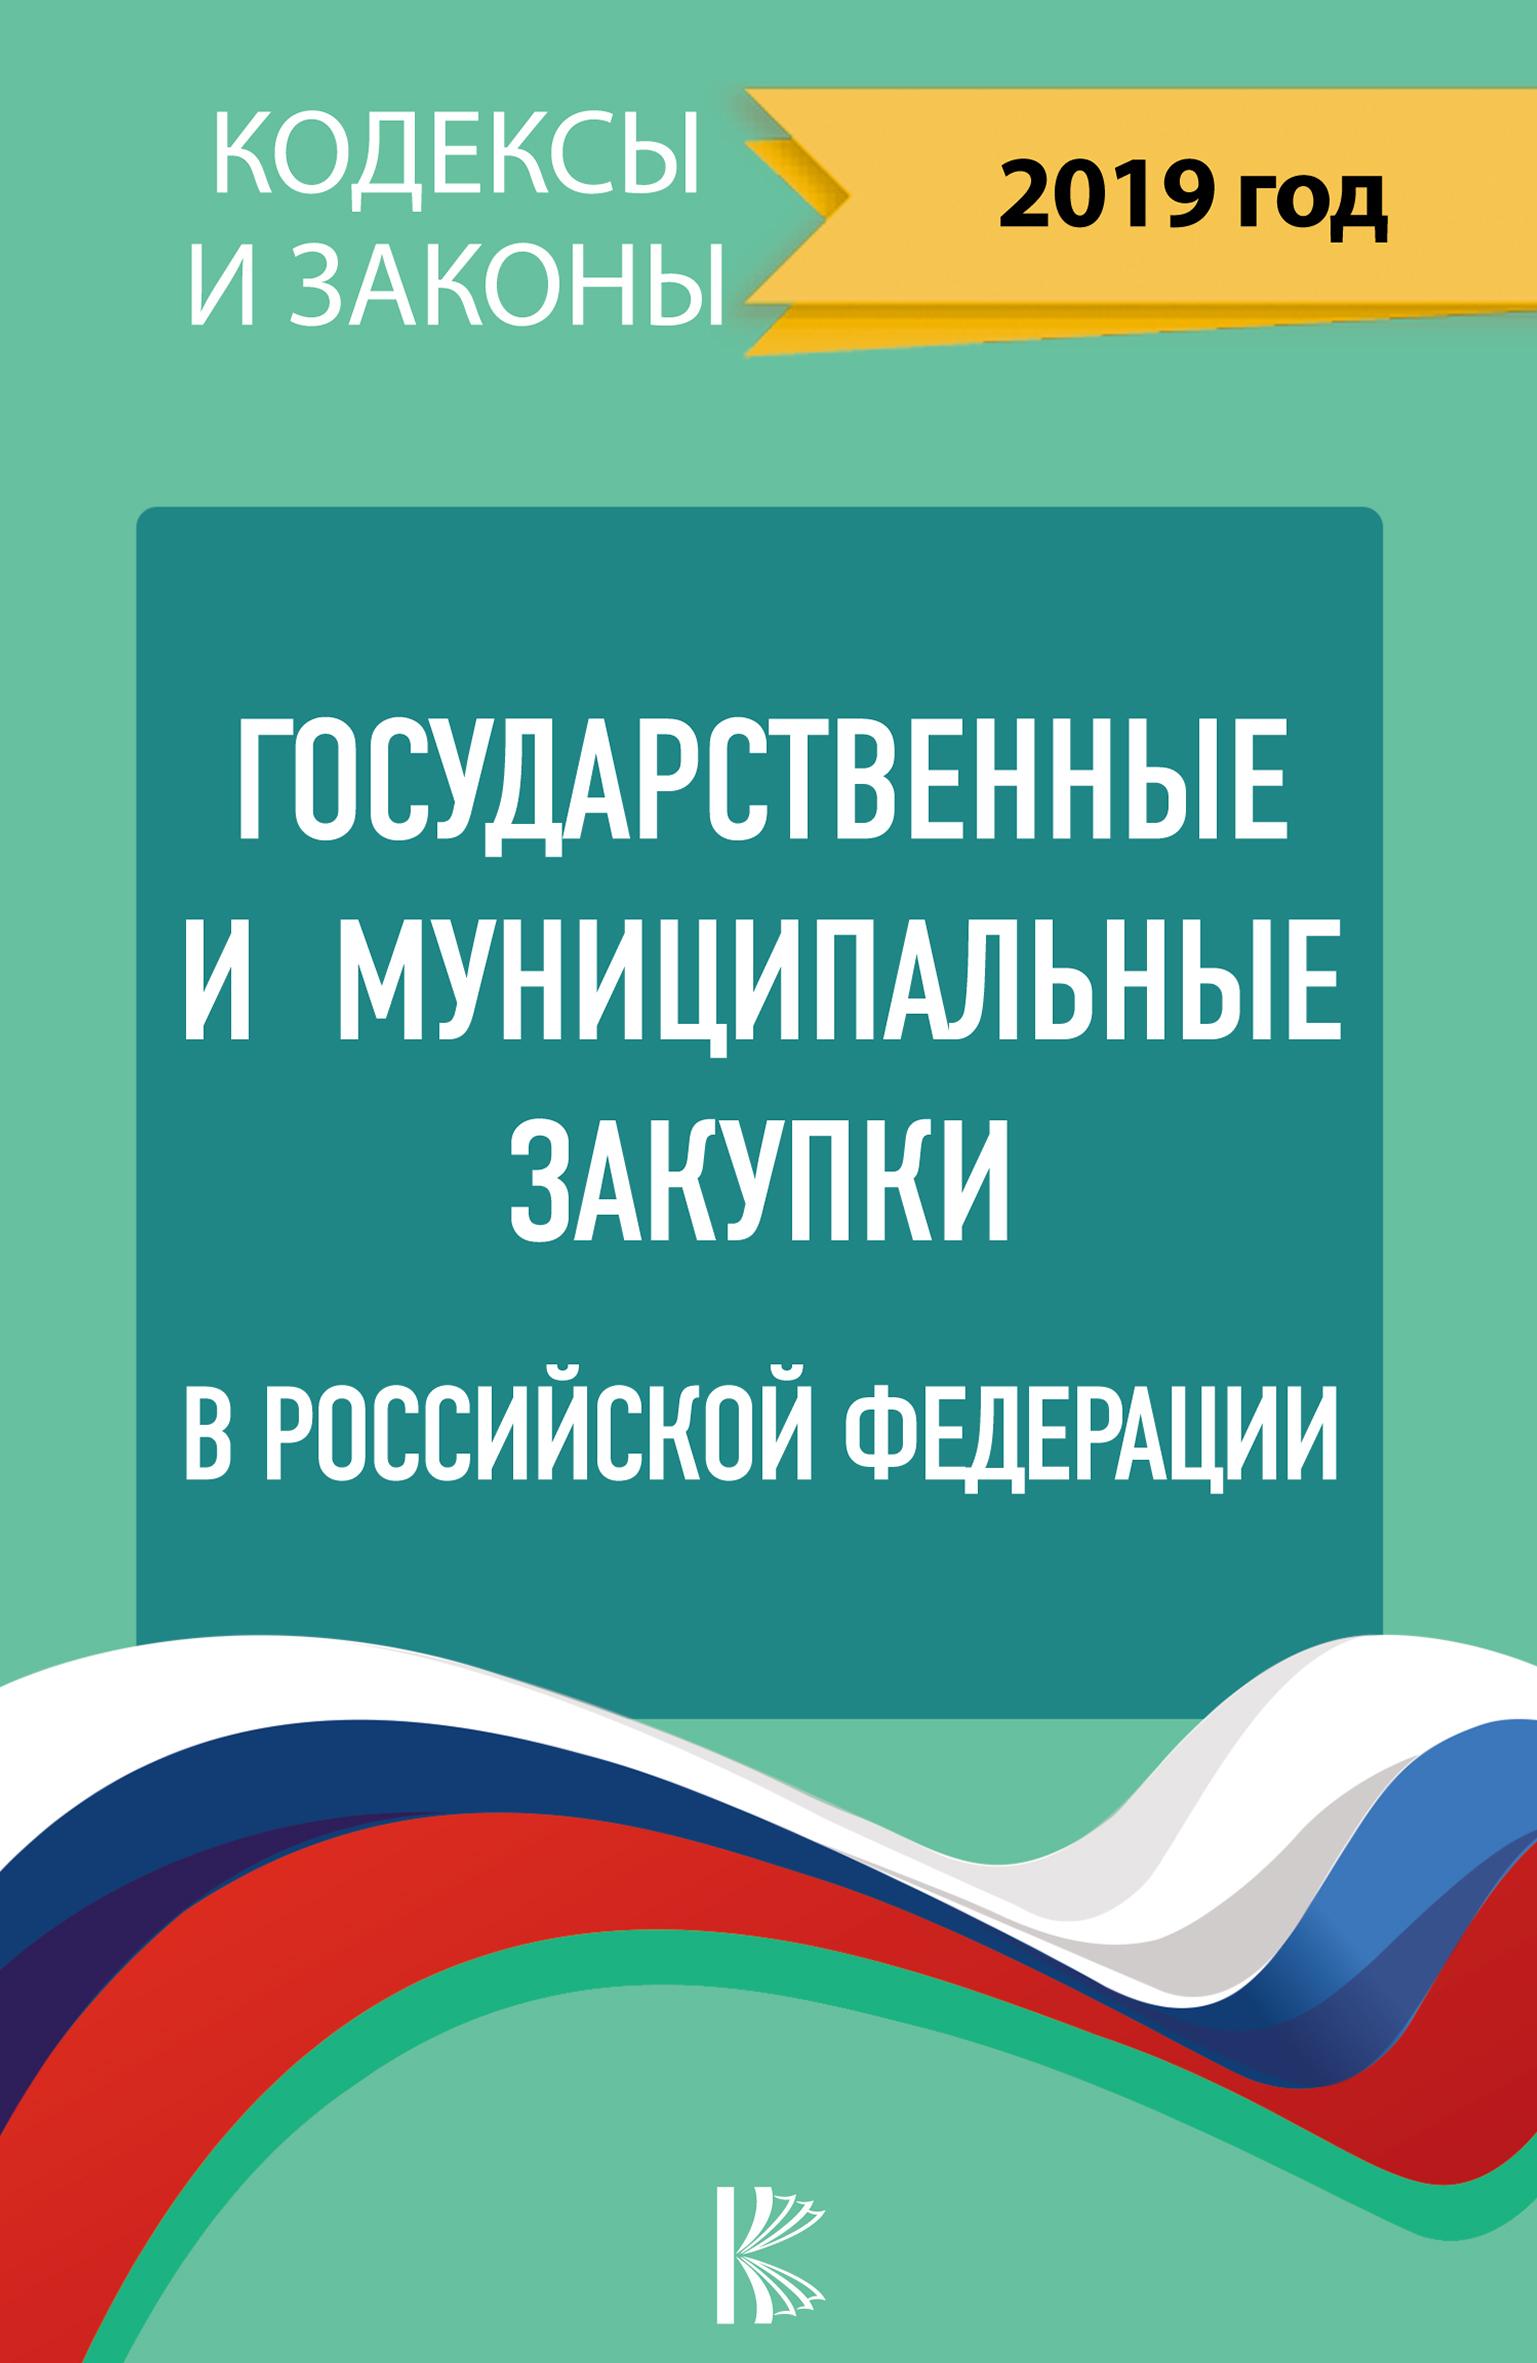 Нормативные правовые акты Государственные и муниципальные закупки в Российской Федерации на 2019 год нормативные правовые акты уголовный кодекс республики молдова